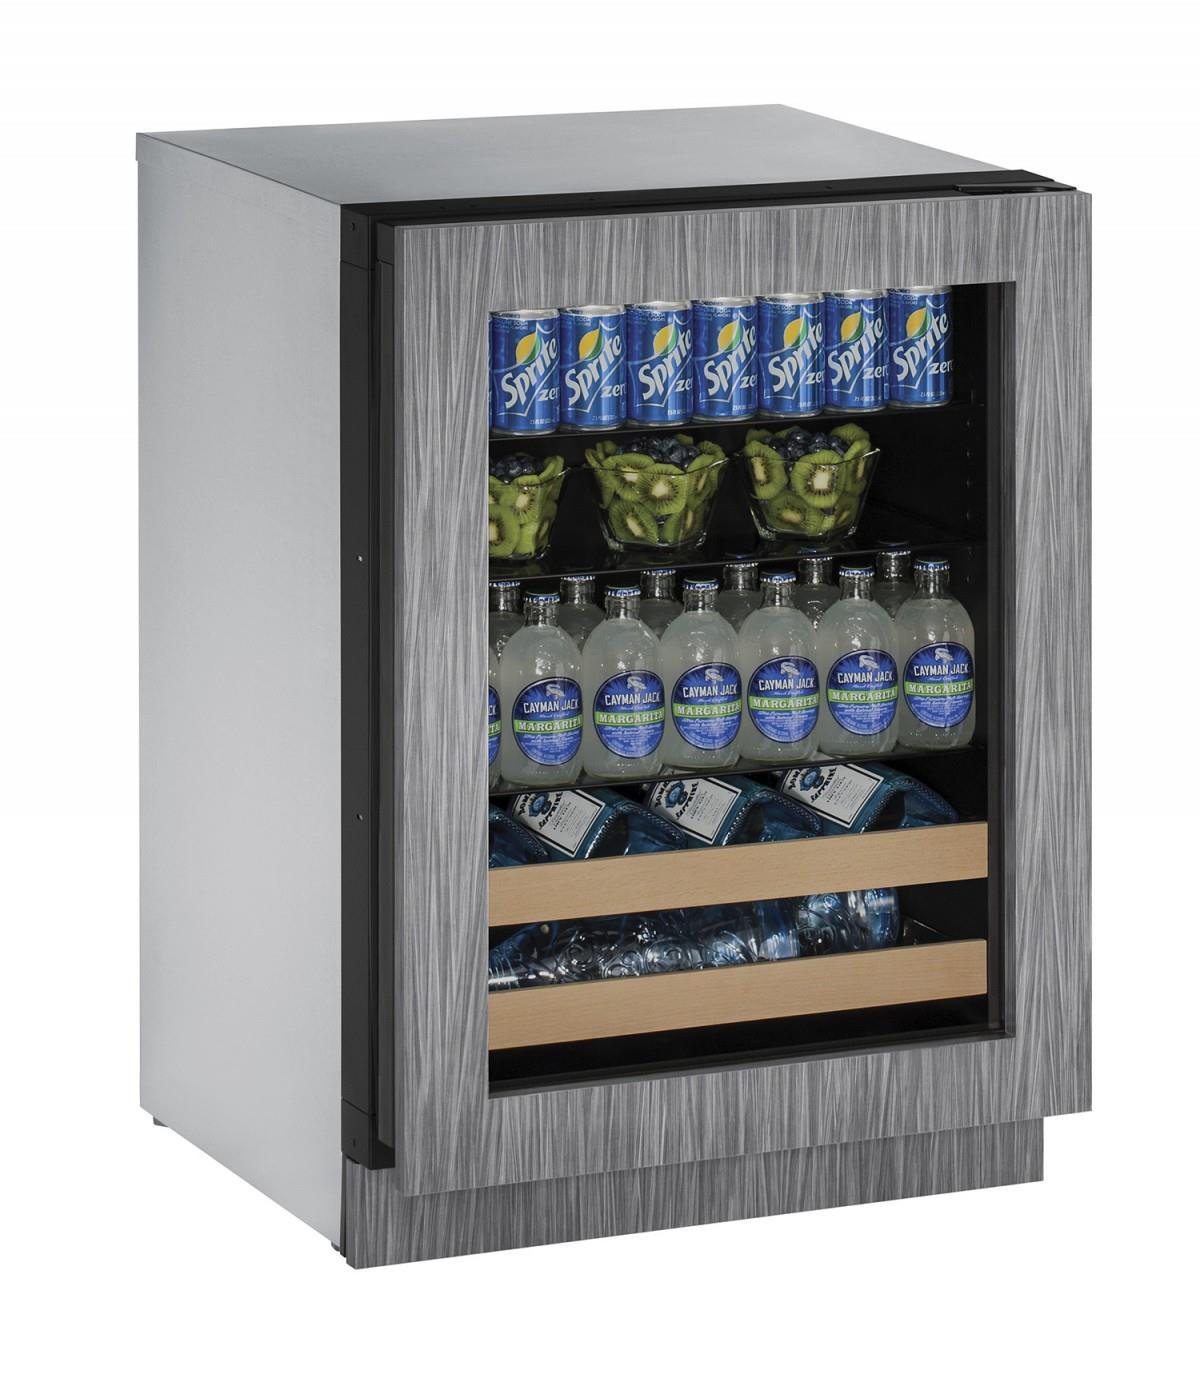 """U-Line Beverage Centers 4.9 cu ft. 2000 Series 24"""" Beverage Center - Item Number: U-2224BEVINT-01A"""